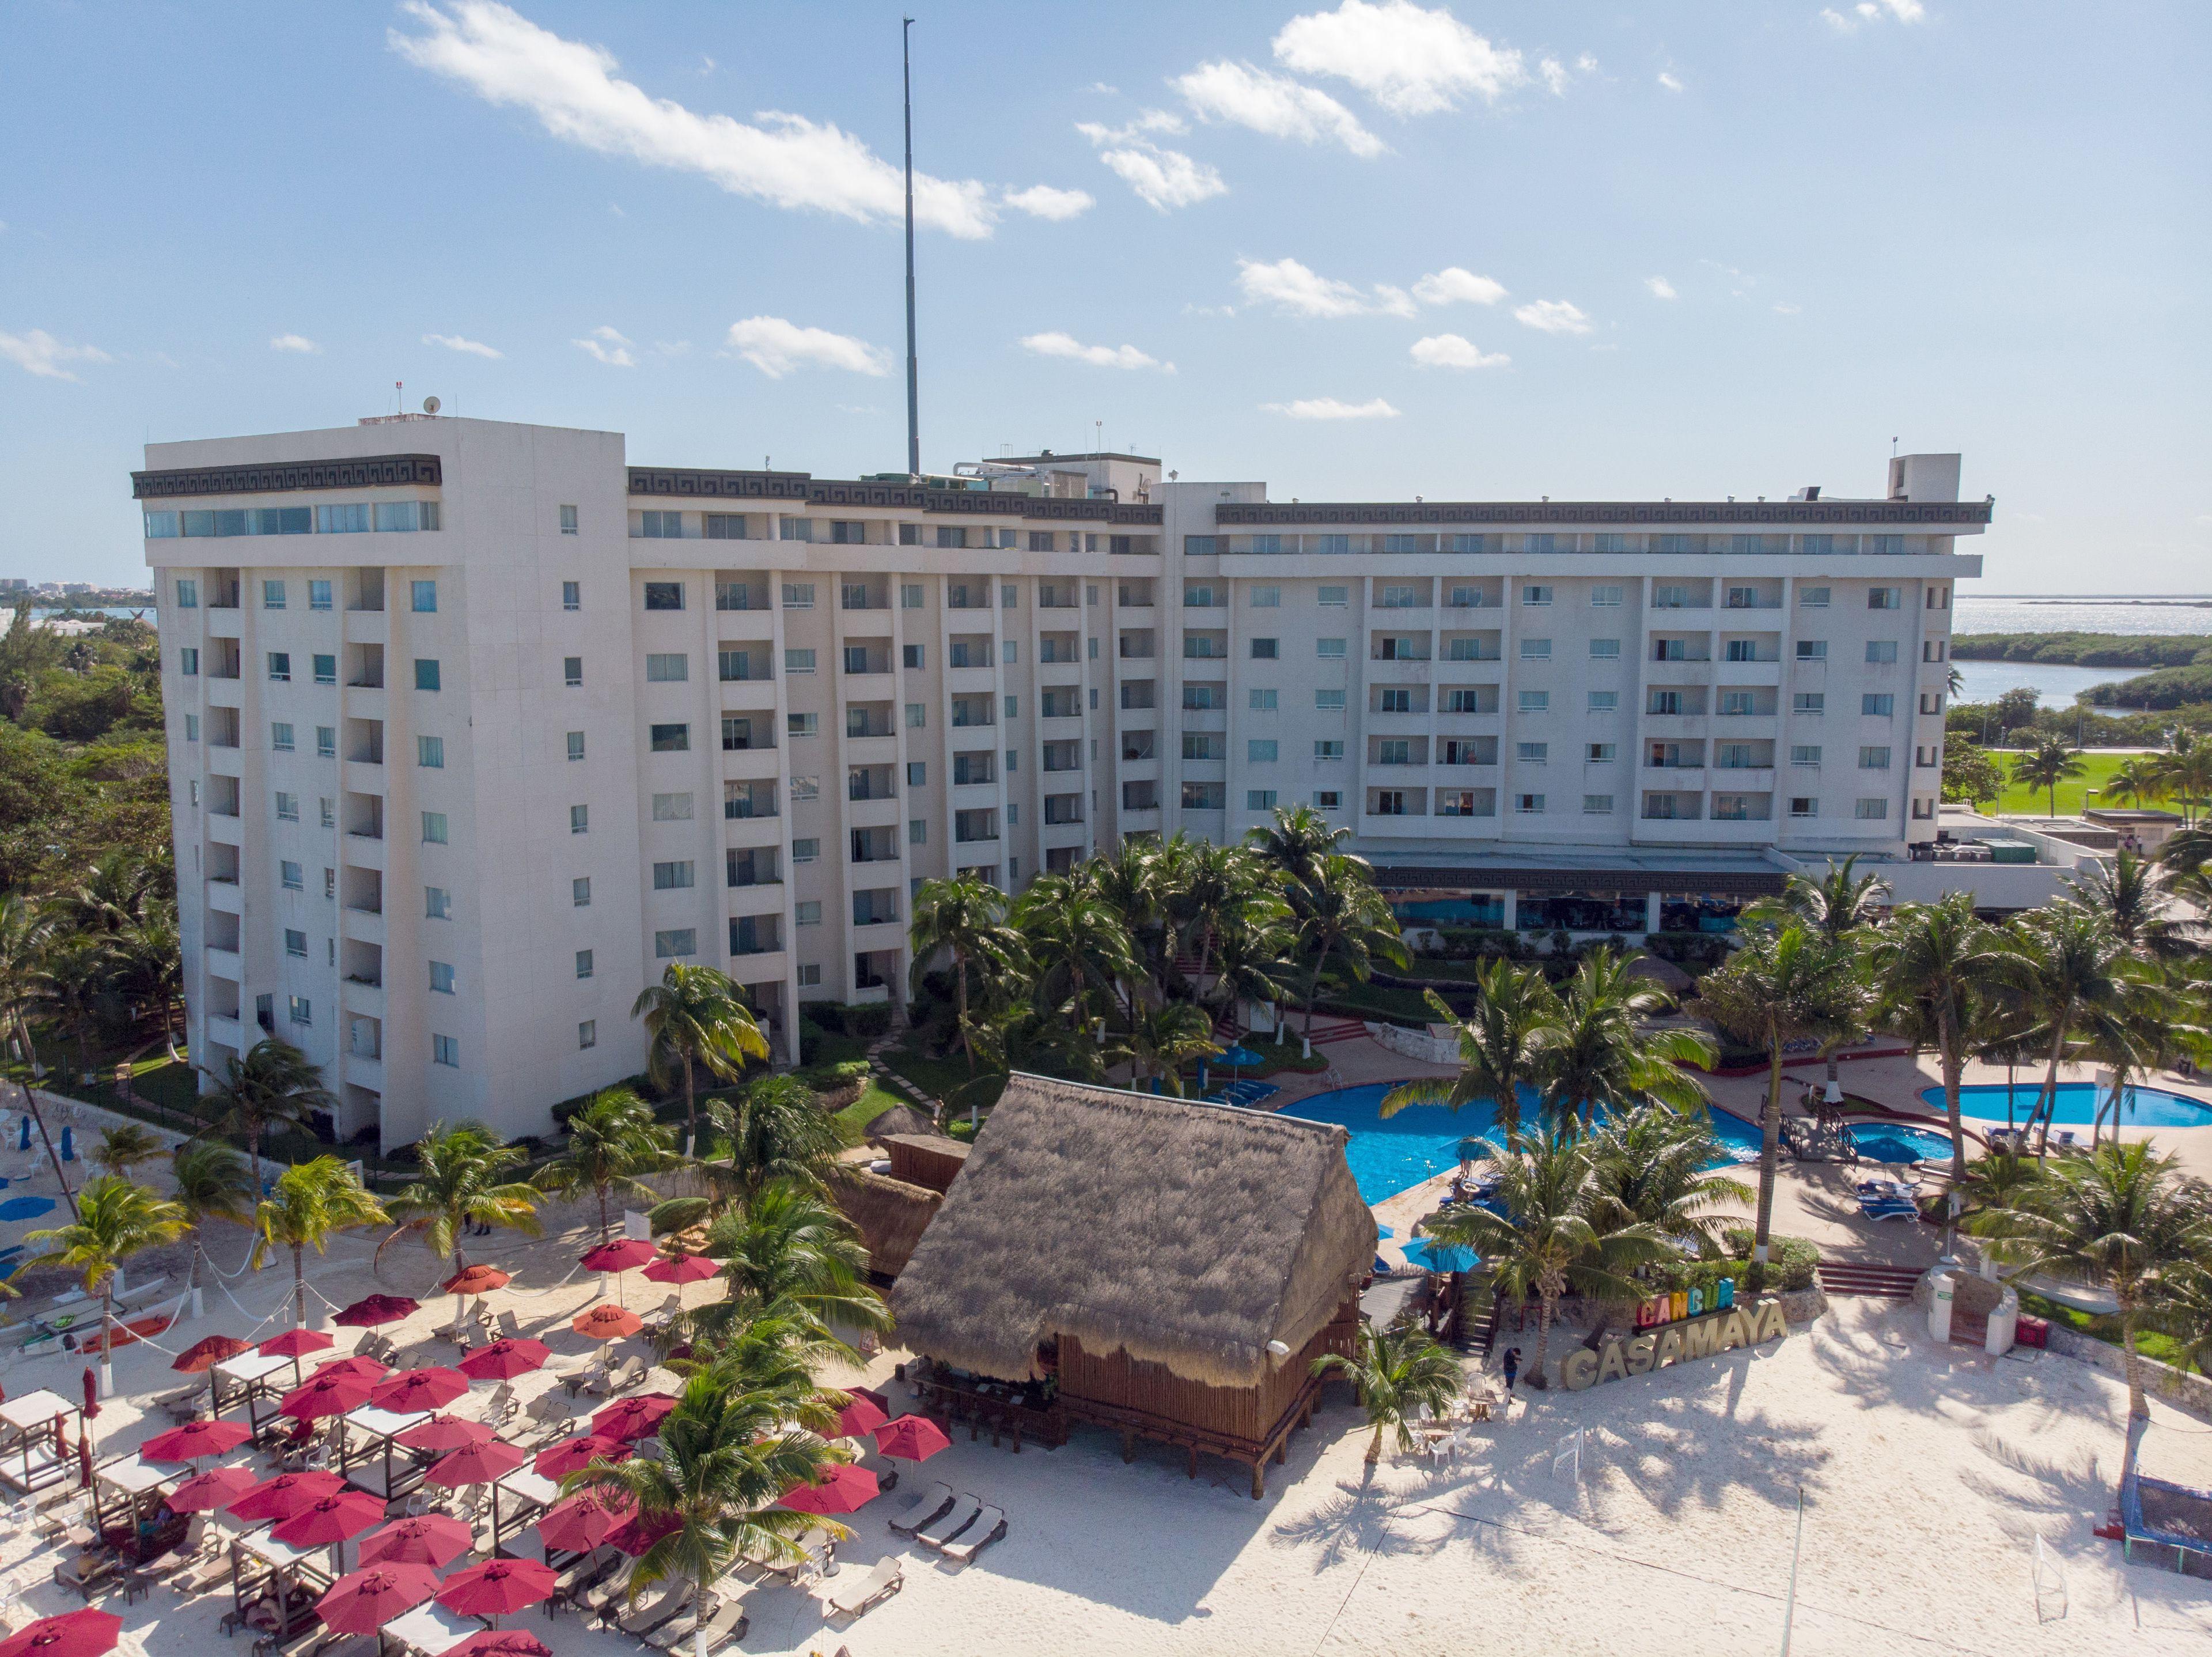 Courtesy of Hotel Casa Maya / Expedia